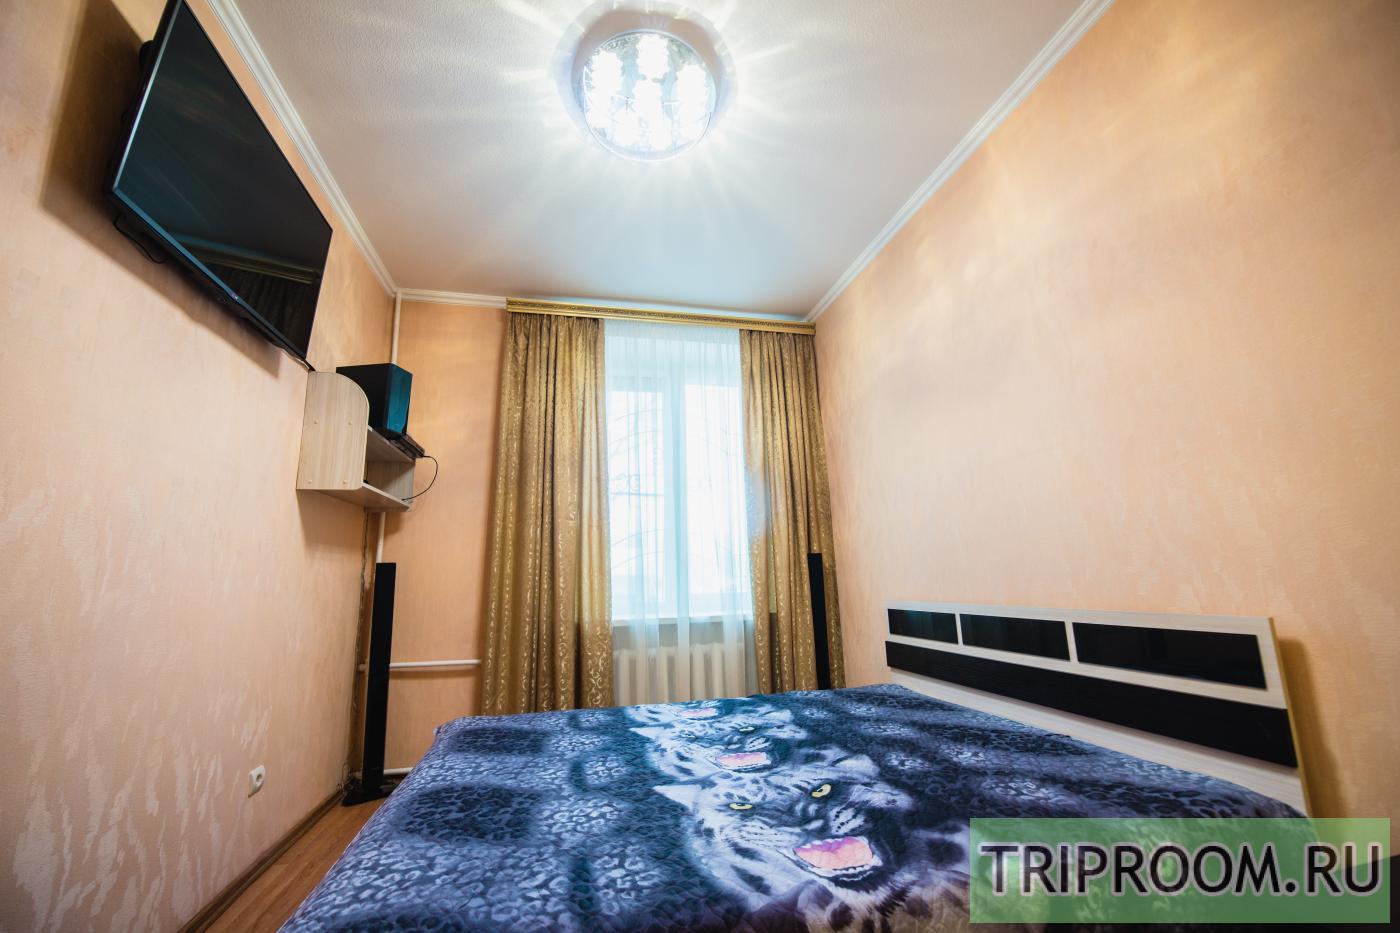 2-комнатная квартира посуточно (вариант № 14781), ул. Твардовского улица, фото № 4